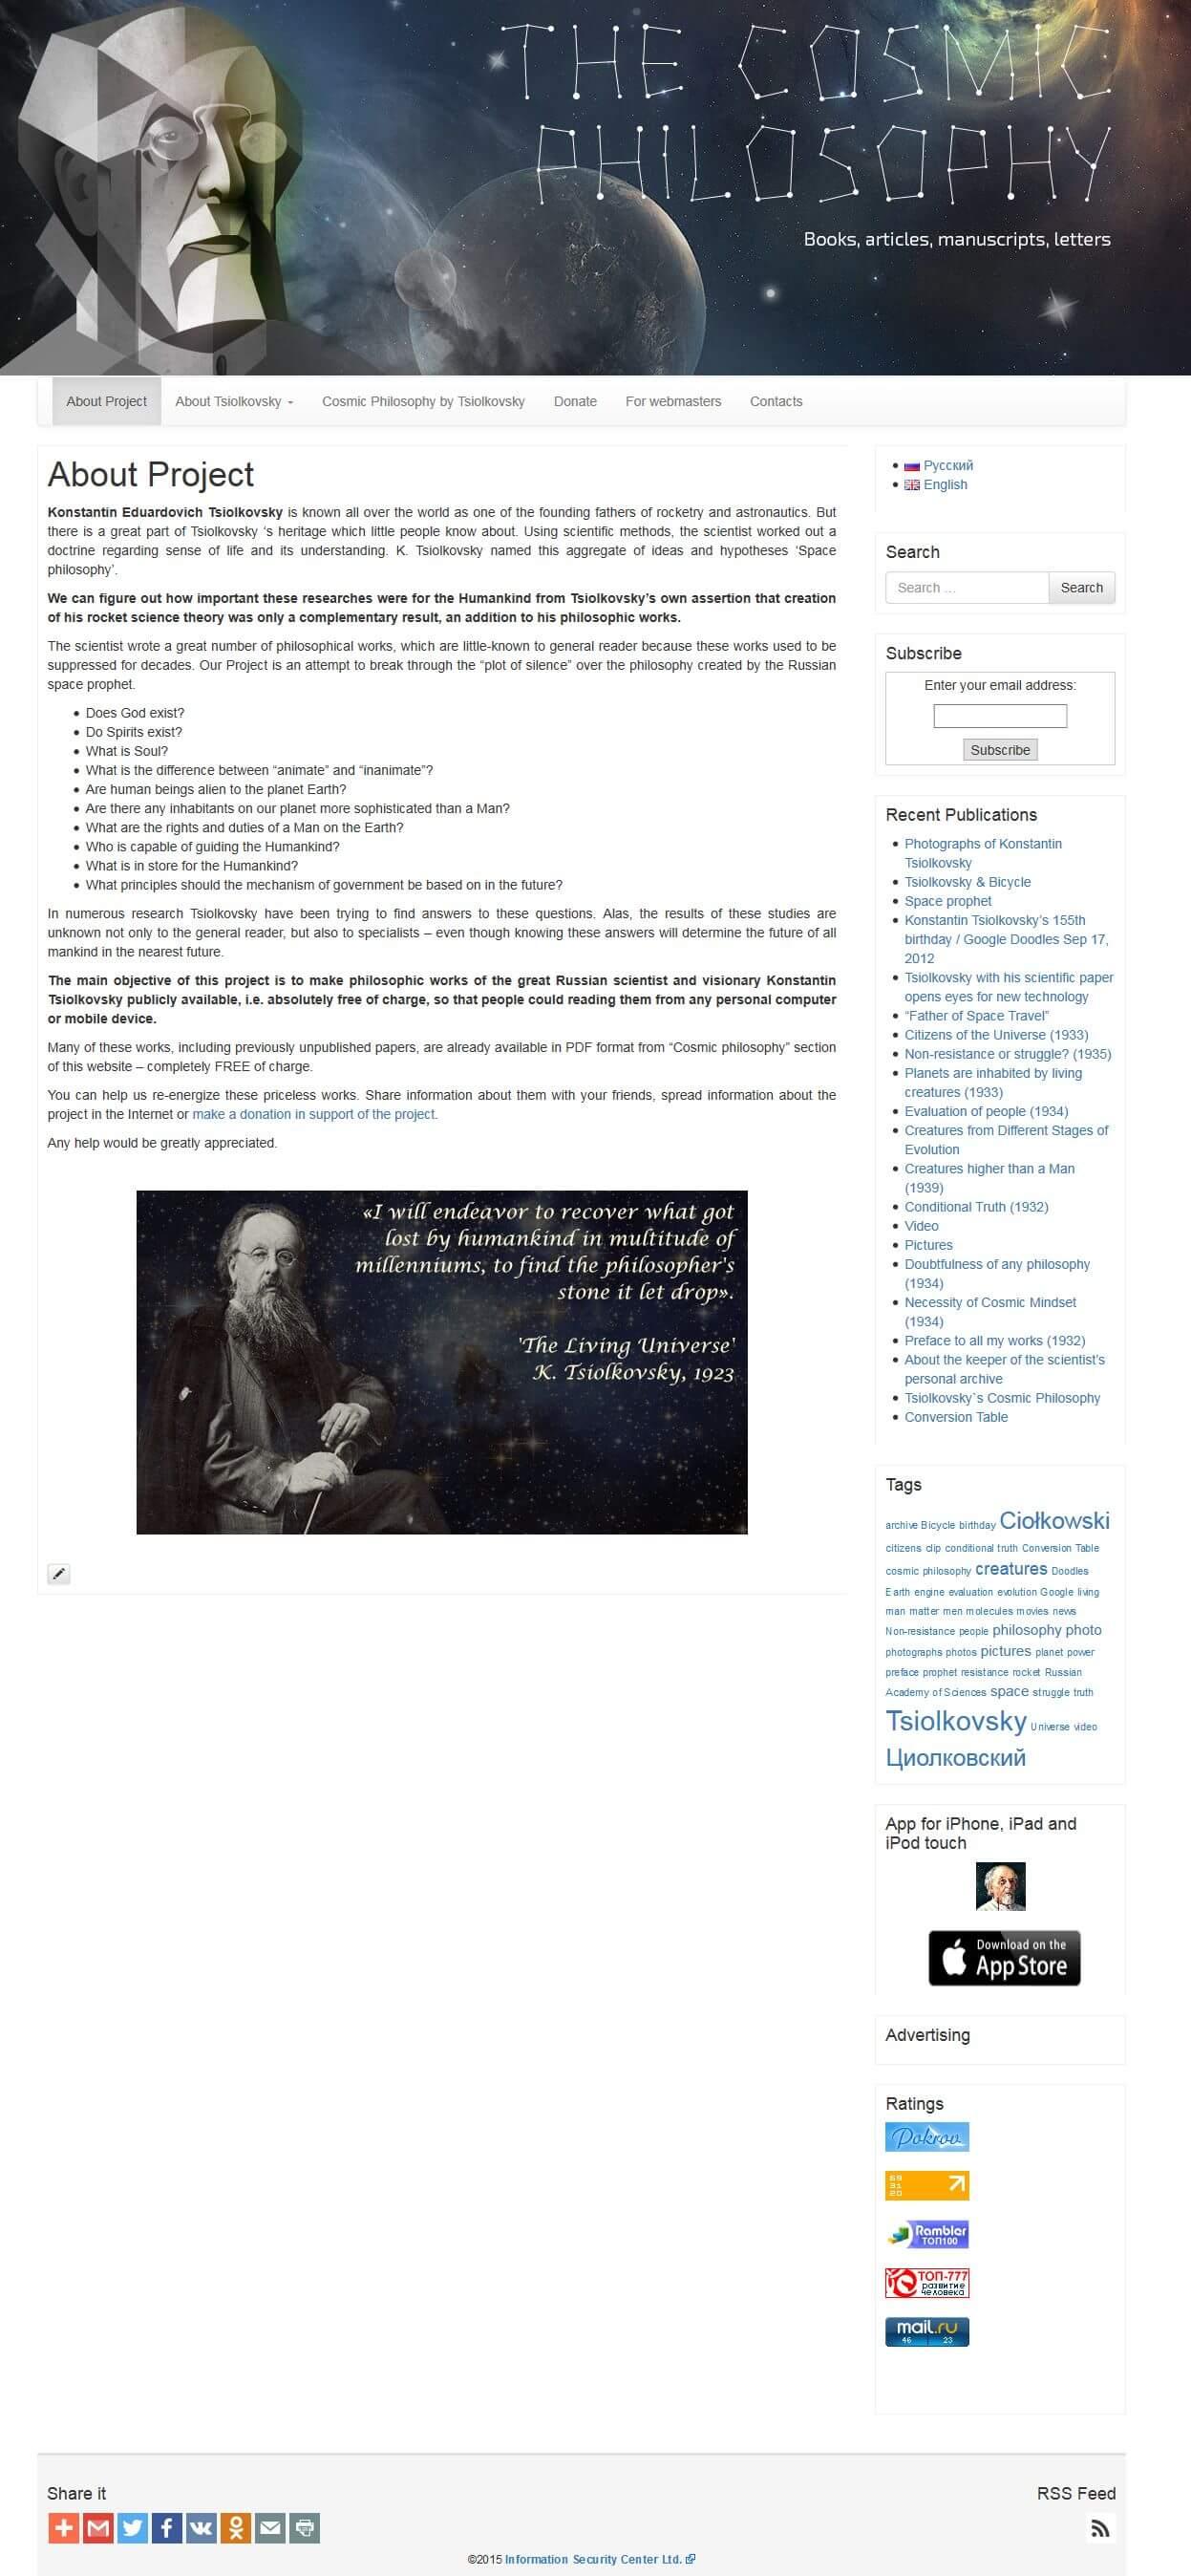 tsiolkovsky-en-29122015